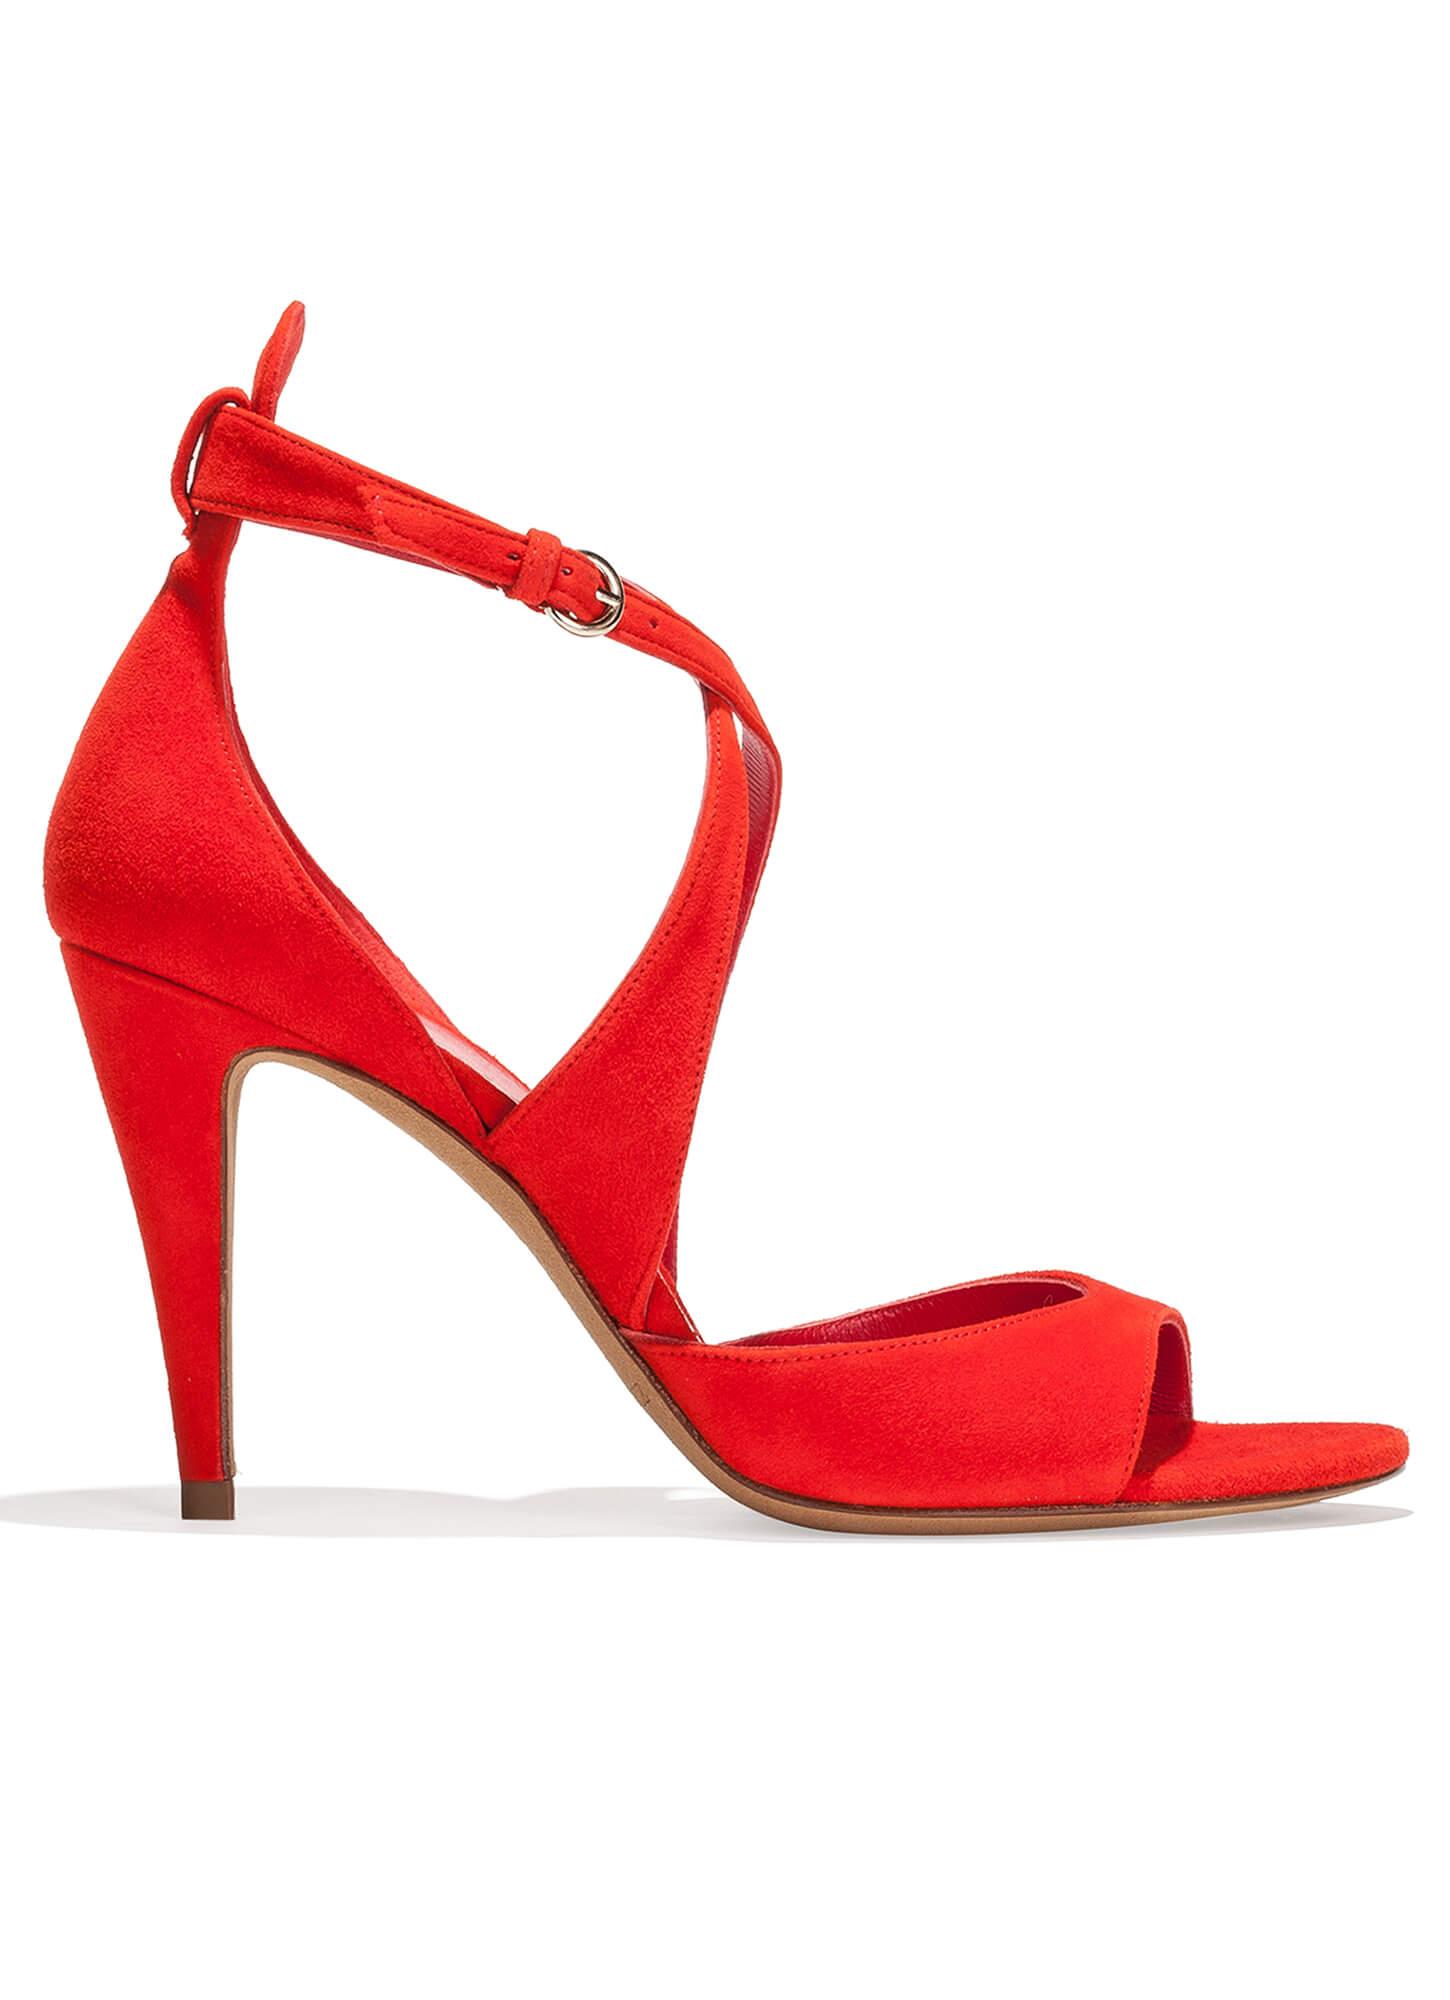 3b604382c5d Sandalia de tacón alto en ante - tienda de zapatos Pura López . PURA ...